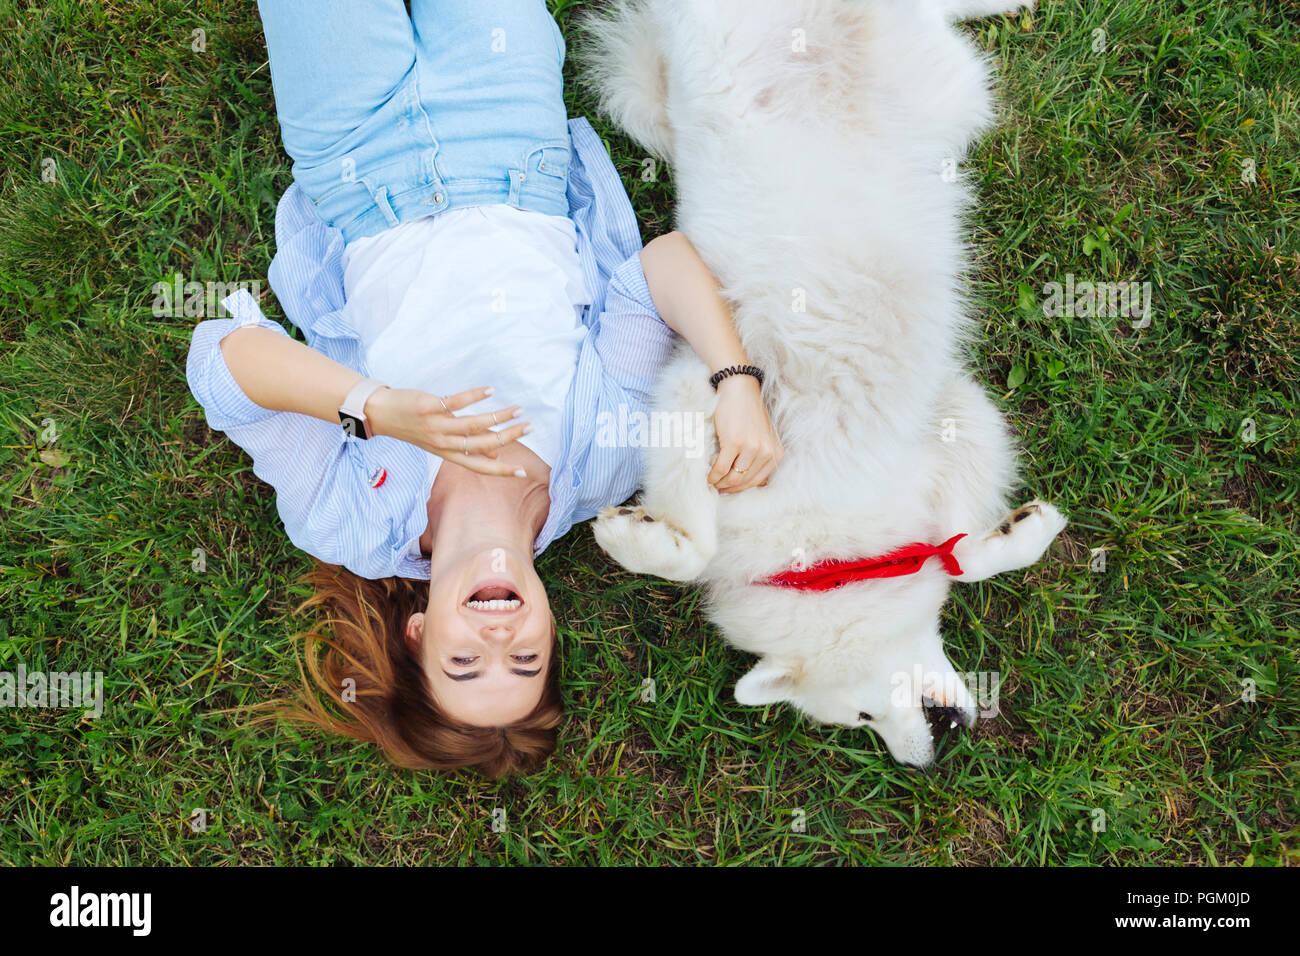 Donna divertente ridere mentre si sta giocando con il suo cane bianco Immagini Stock